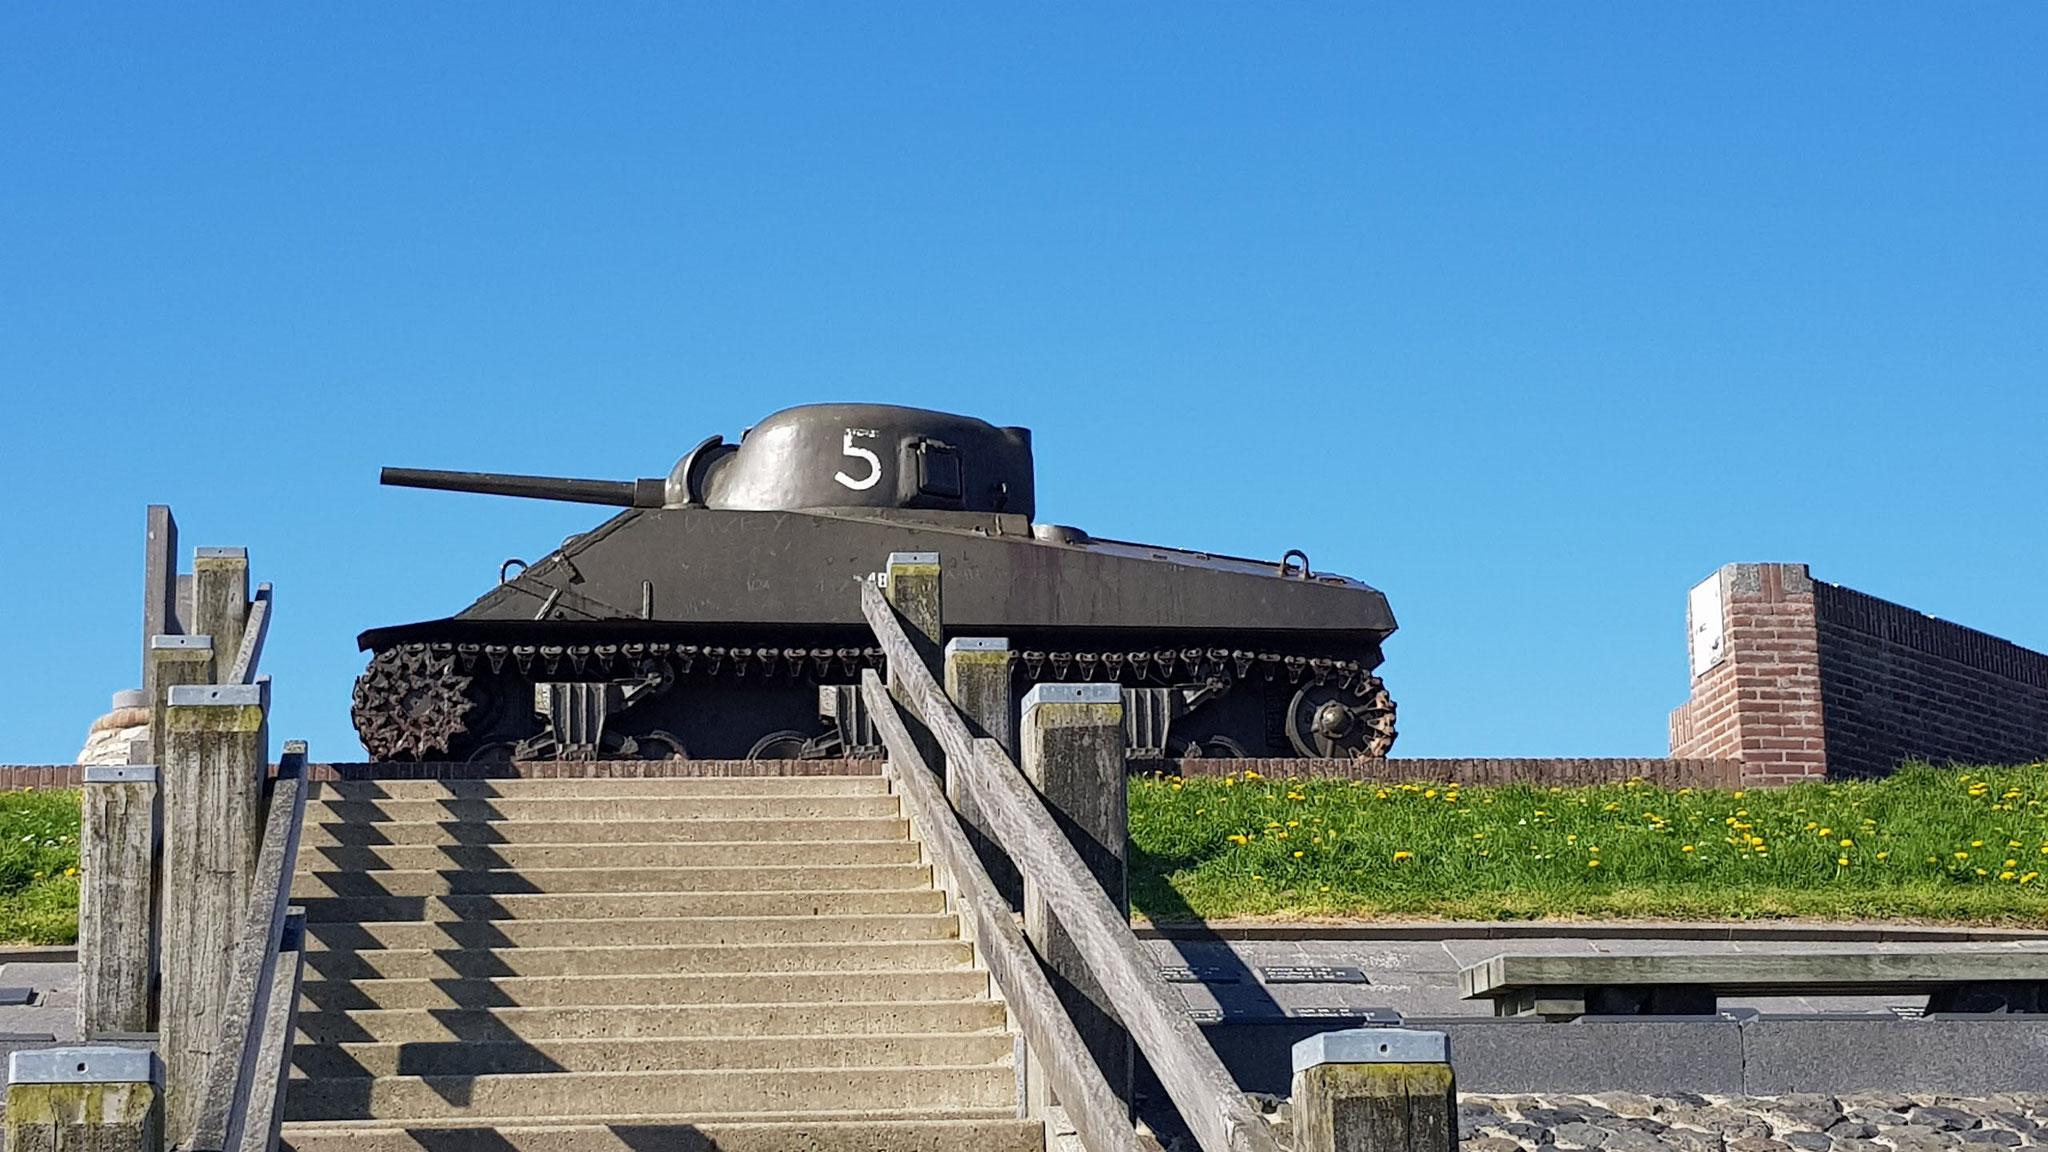 am Deich- und Weltkriegsmuseum - Polderhuis